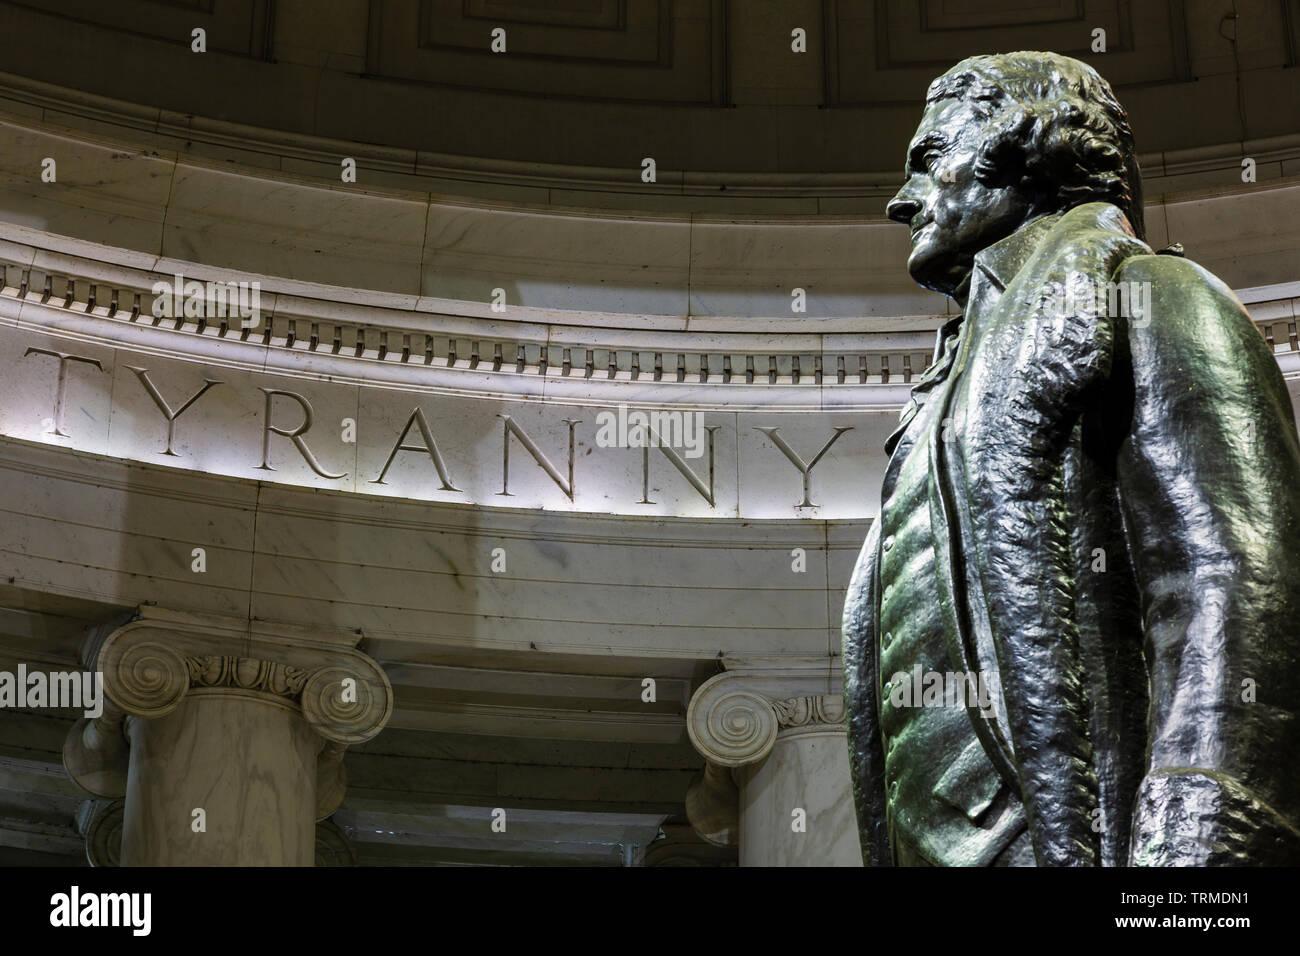 Interior of Thomas Jefferson Memorial Washington, DC - Stock Image